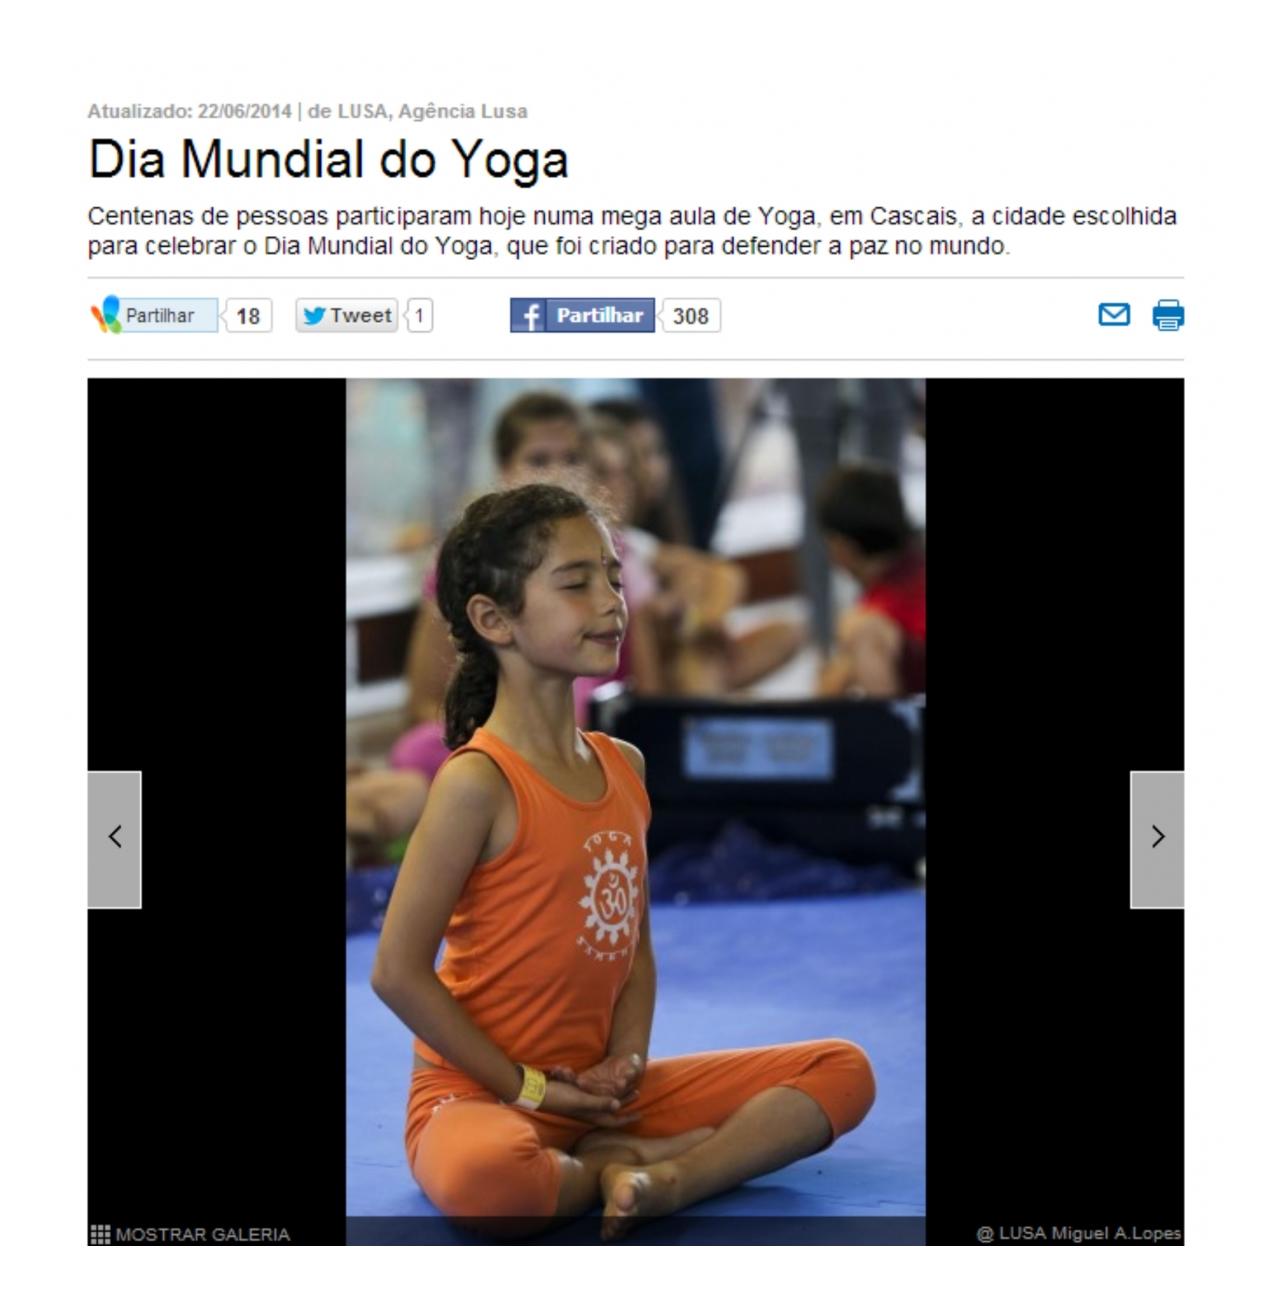 Imprensa - Dia Internacional do Yoga 2014